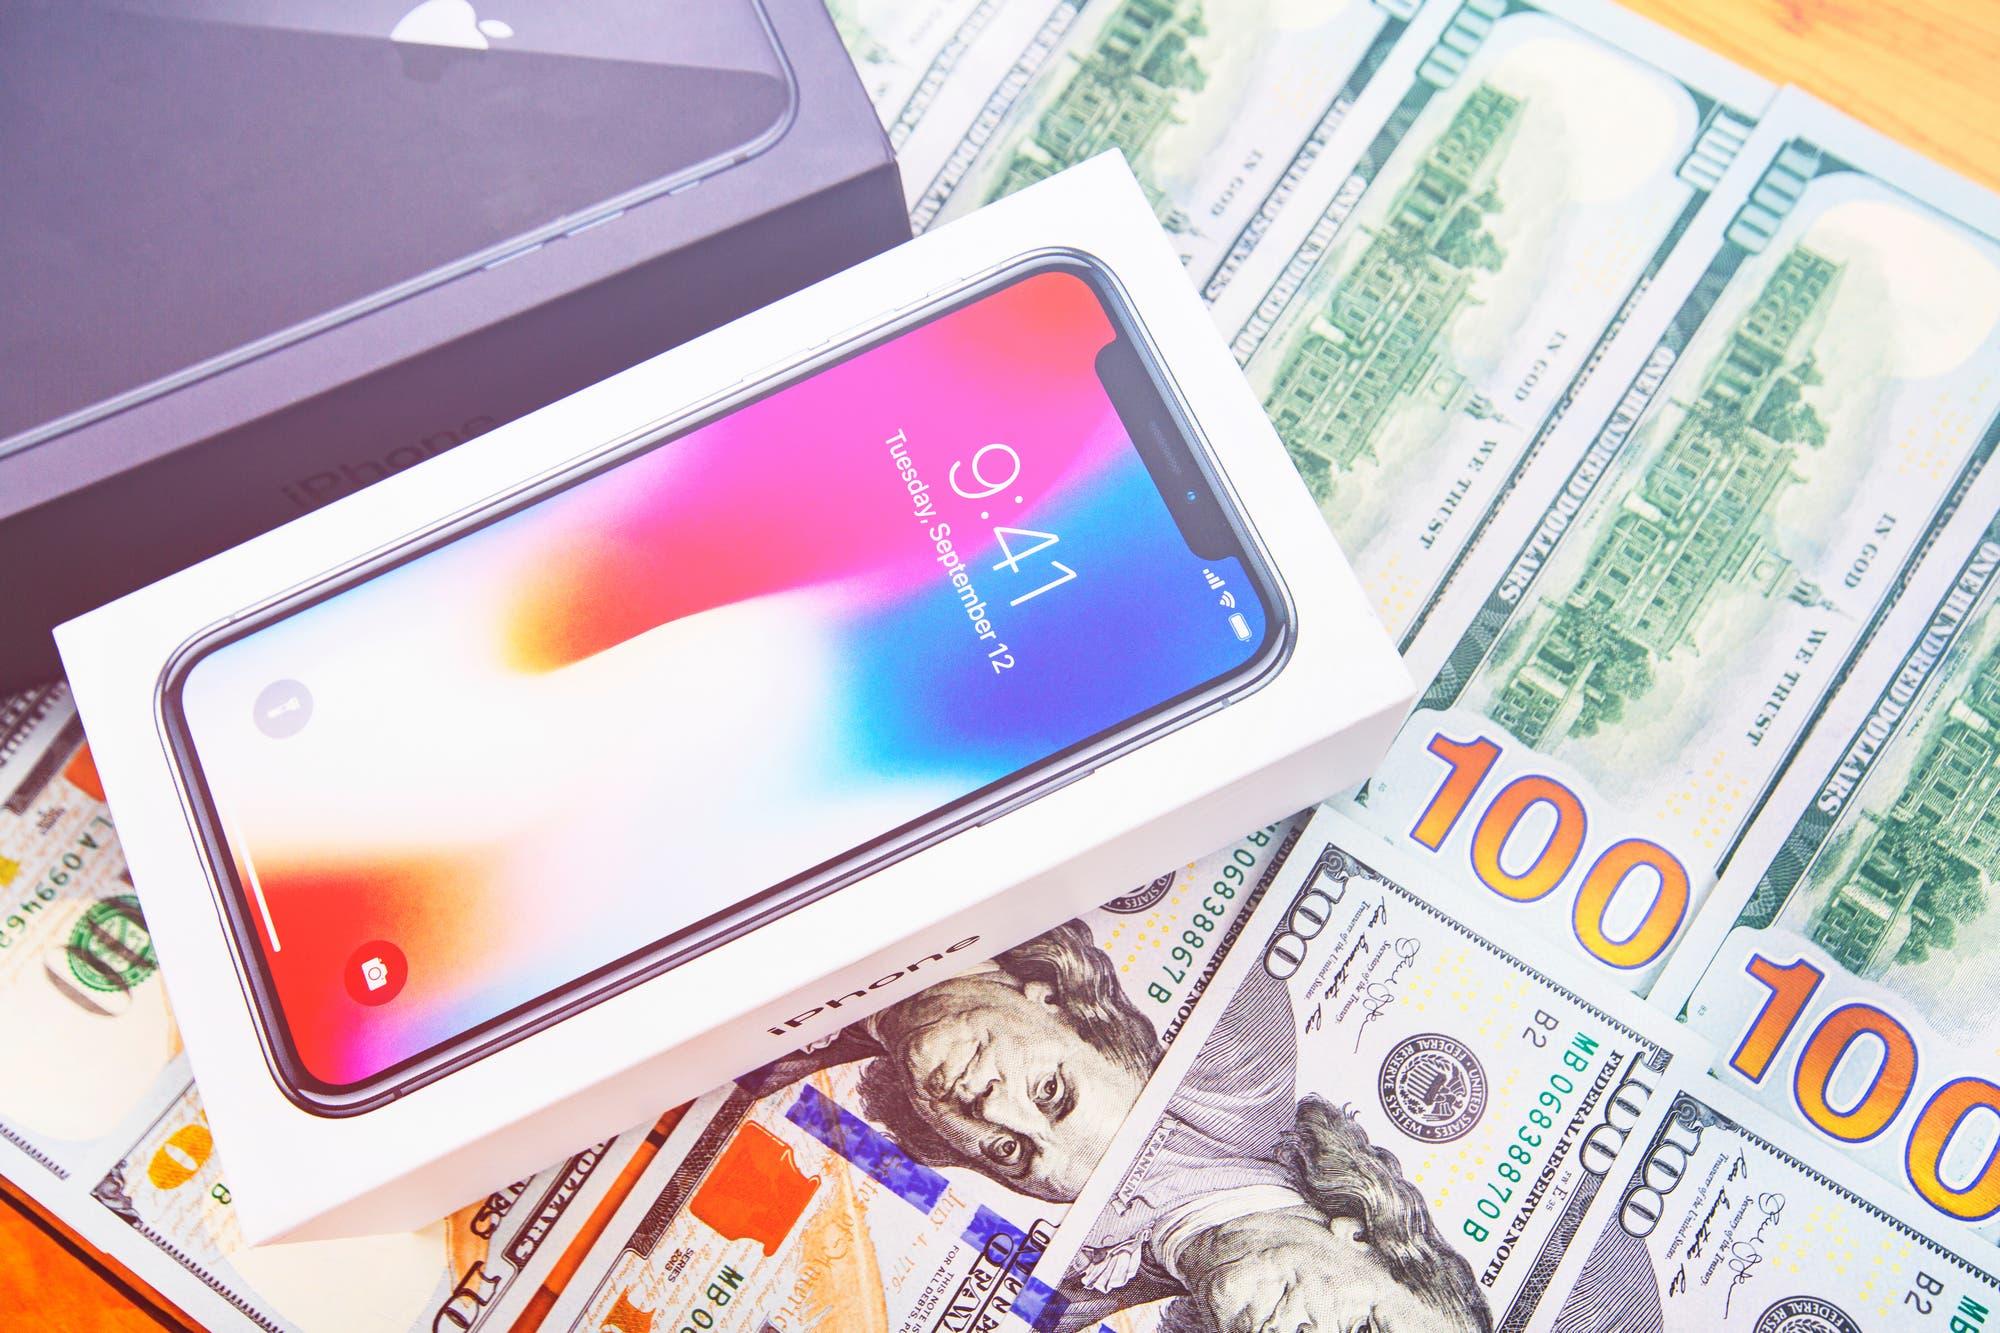 Cuánto cuesta comprar el iPhone 11 en la Argentina, o con el dólar turista en Estados Unidos y Chile